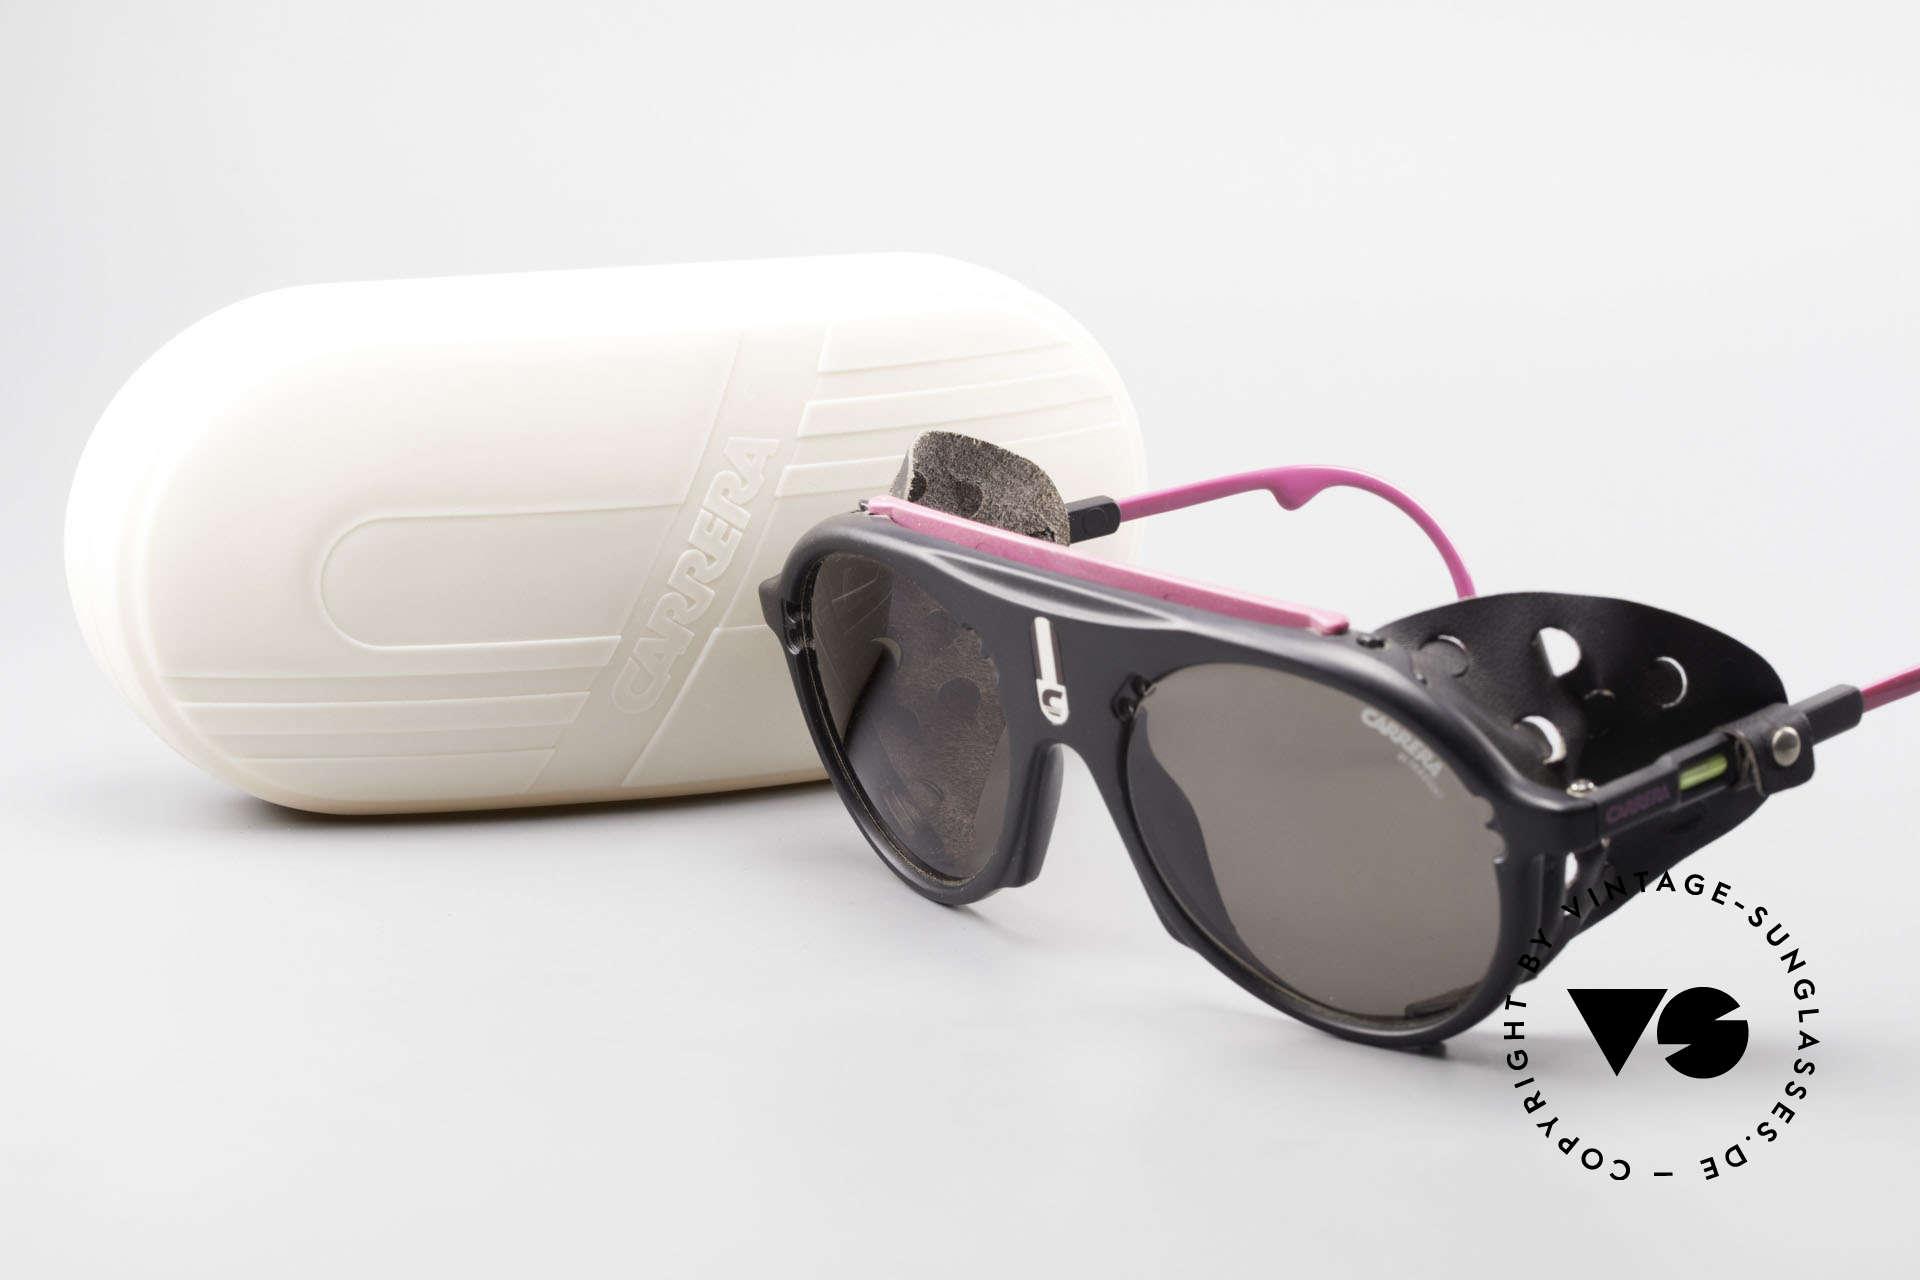 Carrera 5436 Water & Ice Gletscher Brille, KEINE Retrosonnenbrille; sondern ein 1980er Original!, Passend für Herren und Damen